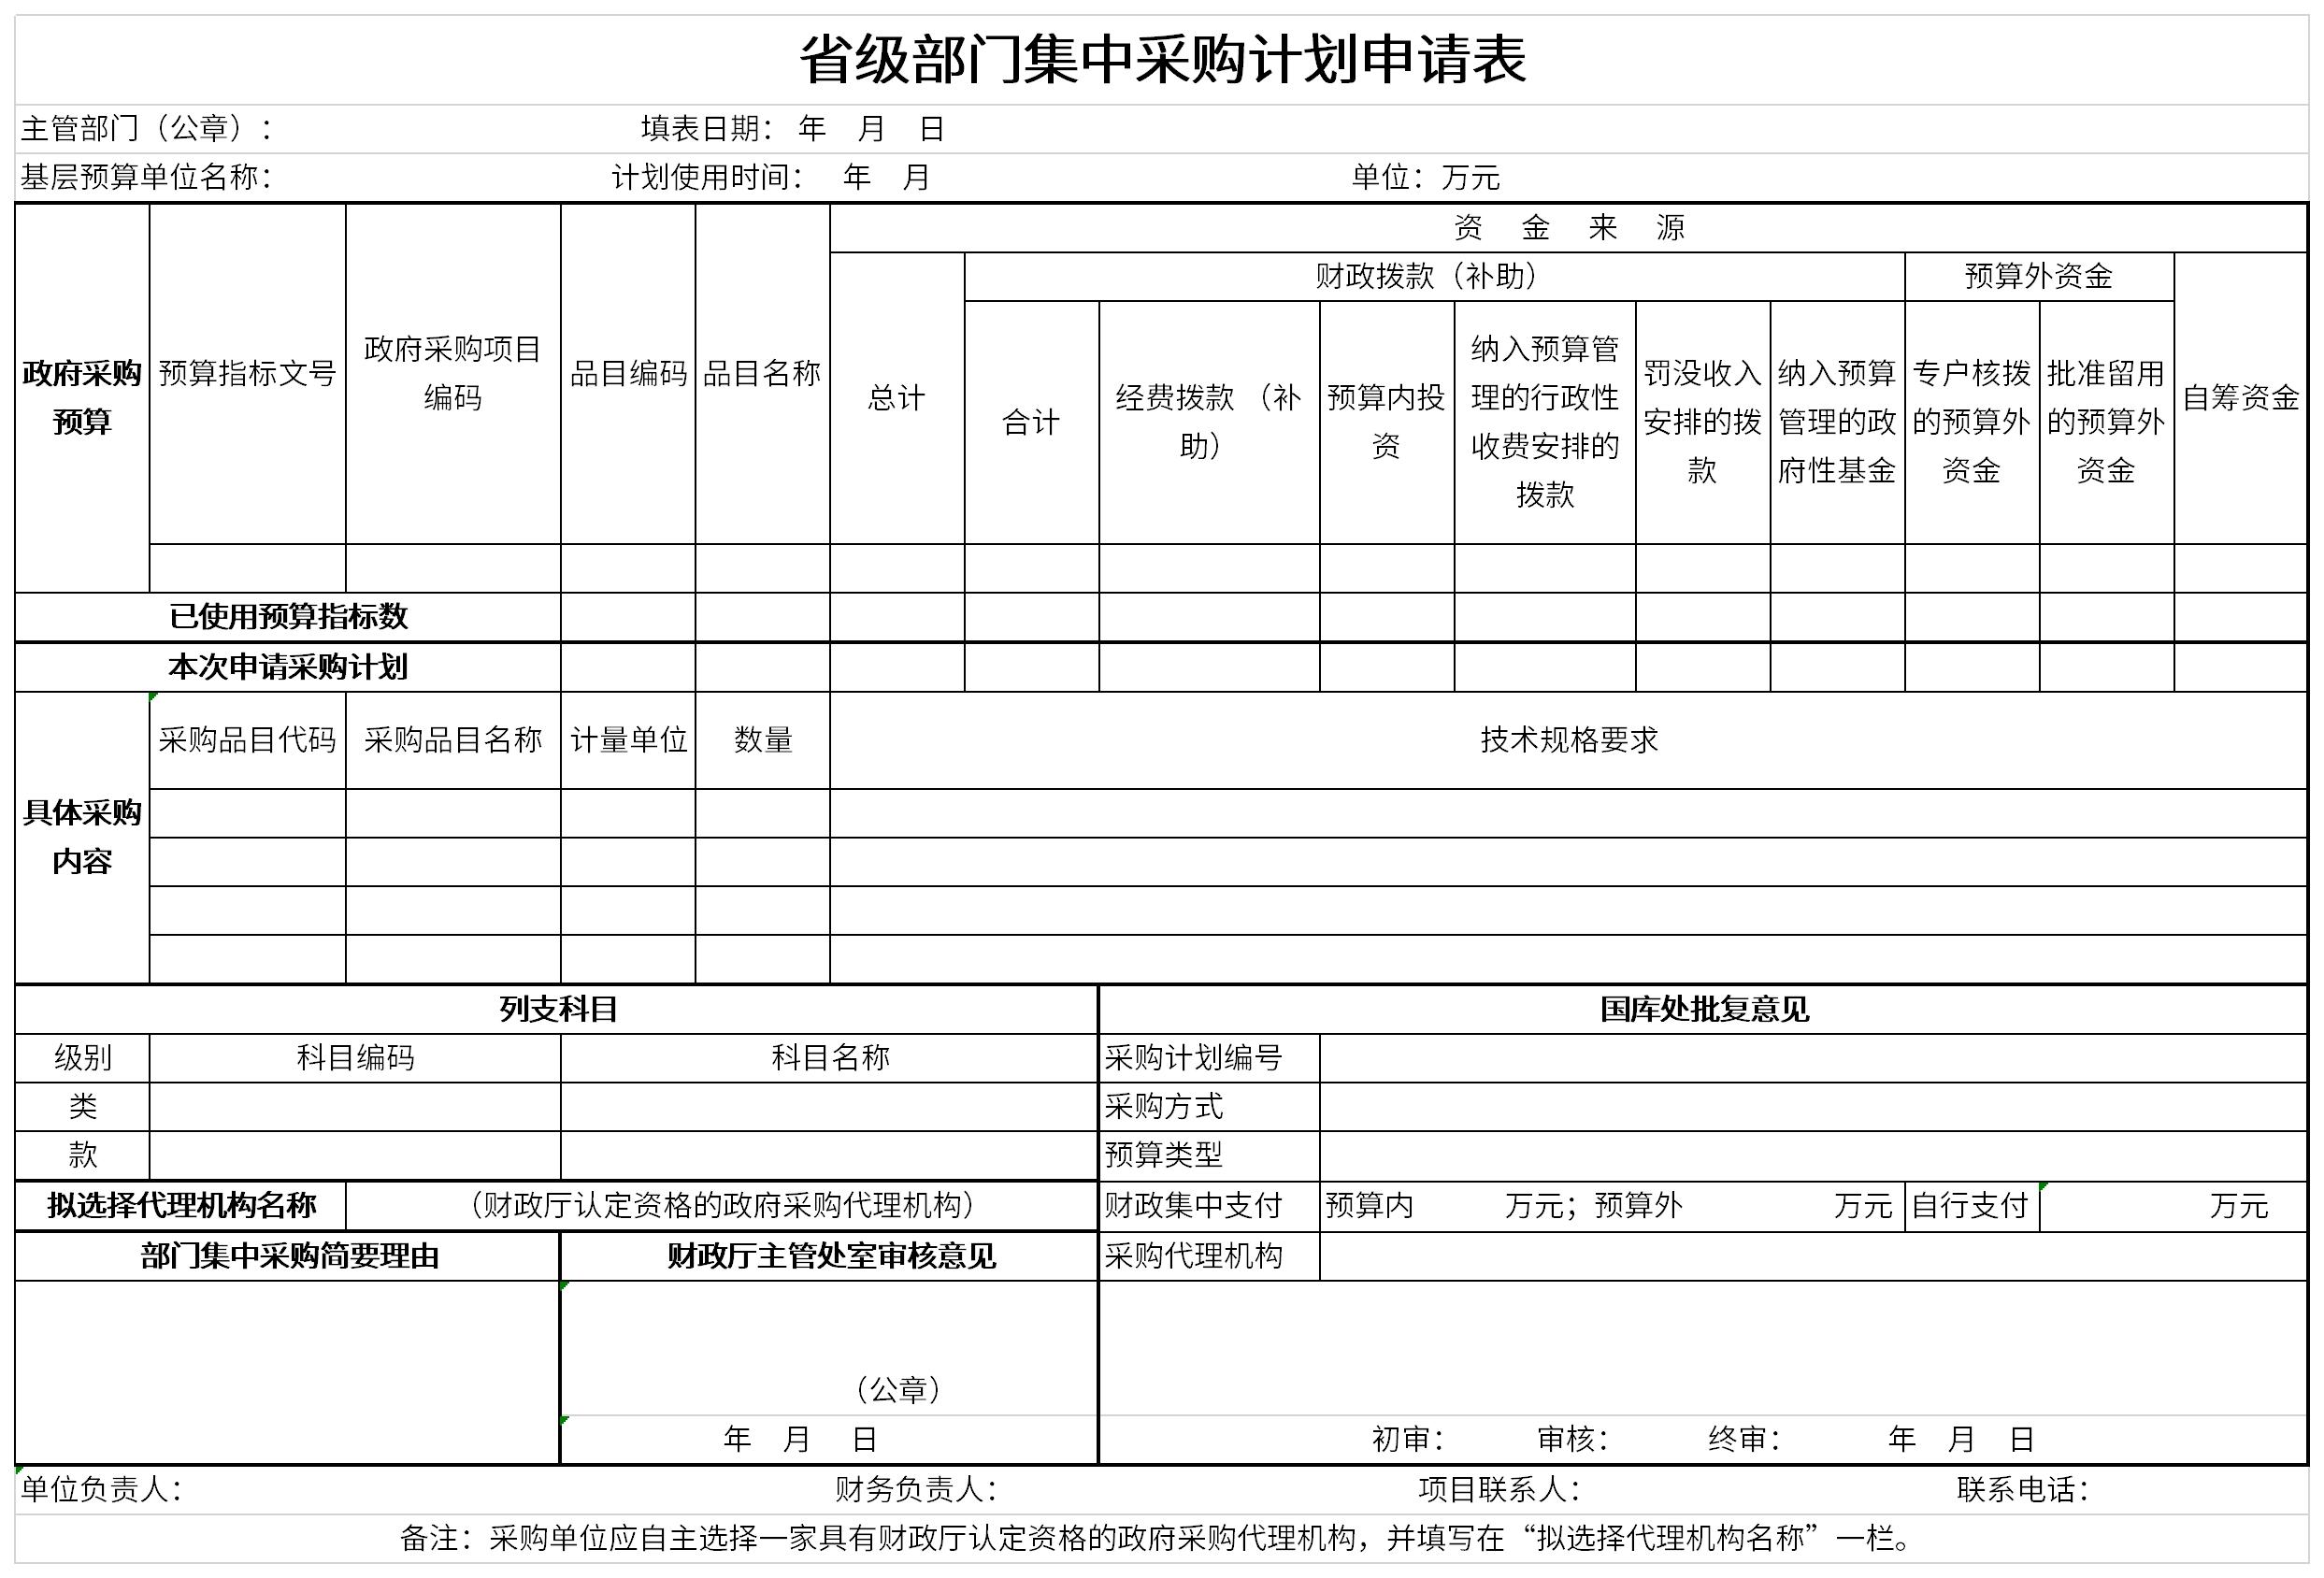 省级部门集中采购计划申请表截图